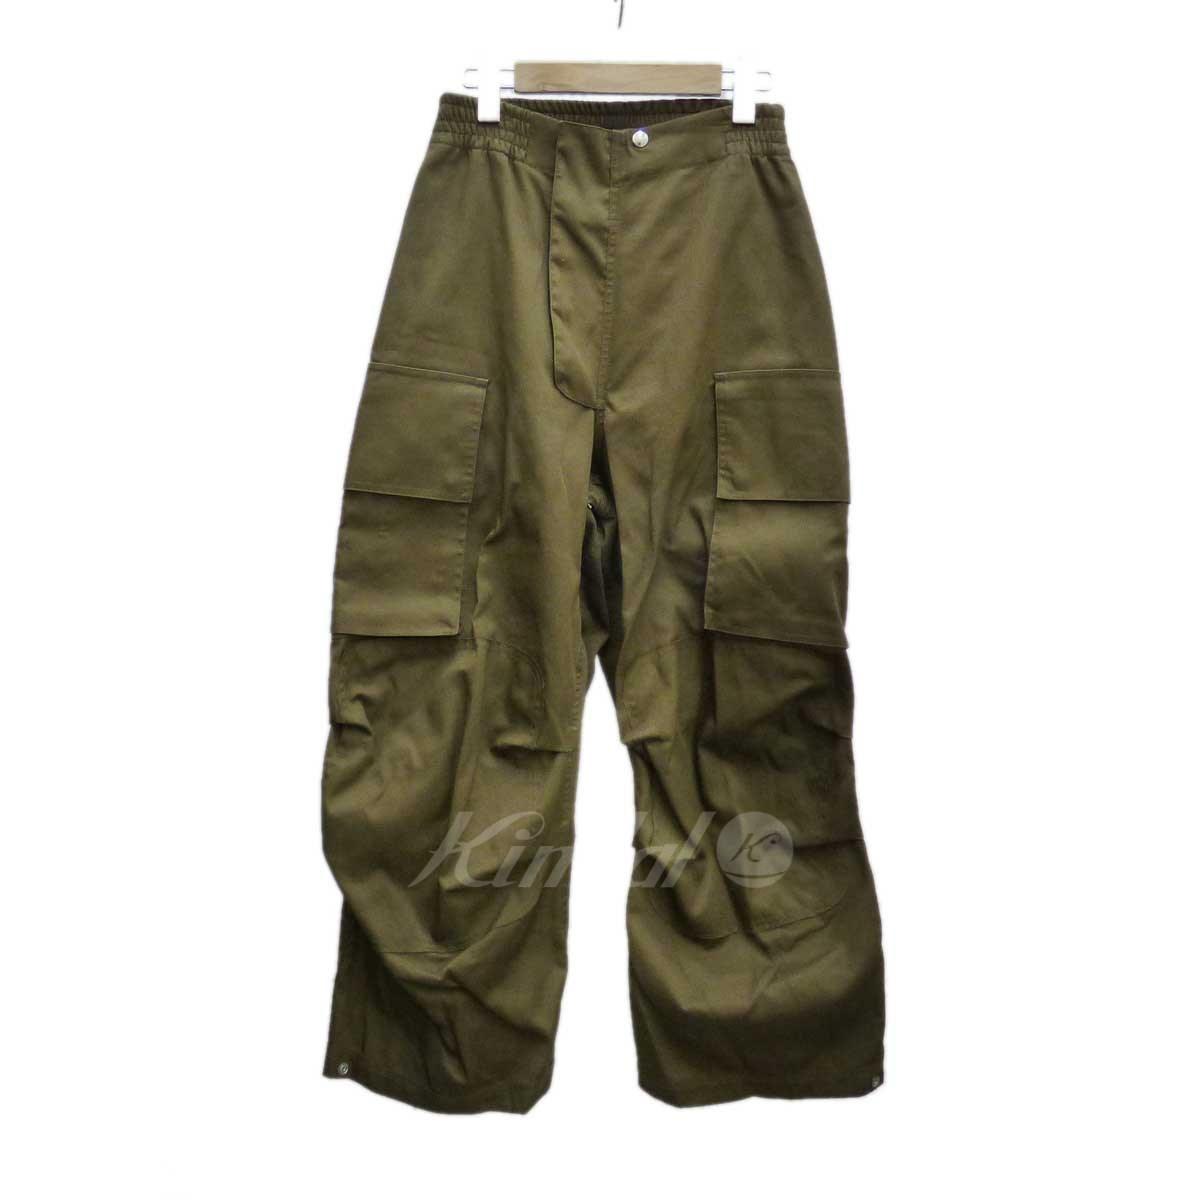 【中古】Hed Mayner WORKWEAR PANTS ワークパンツ 【送料無料】 【147601】 【KT1636】 【返品不可】